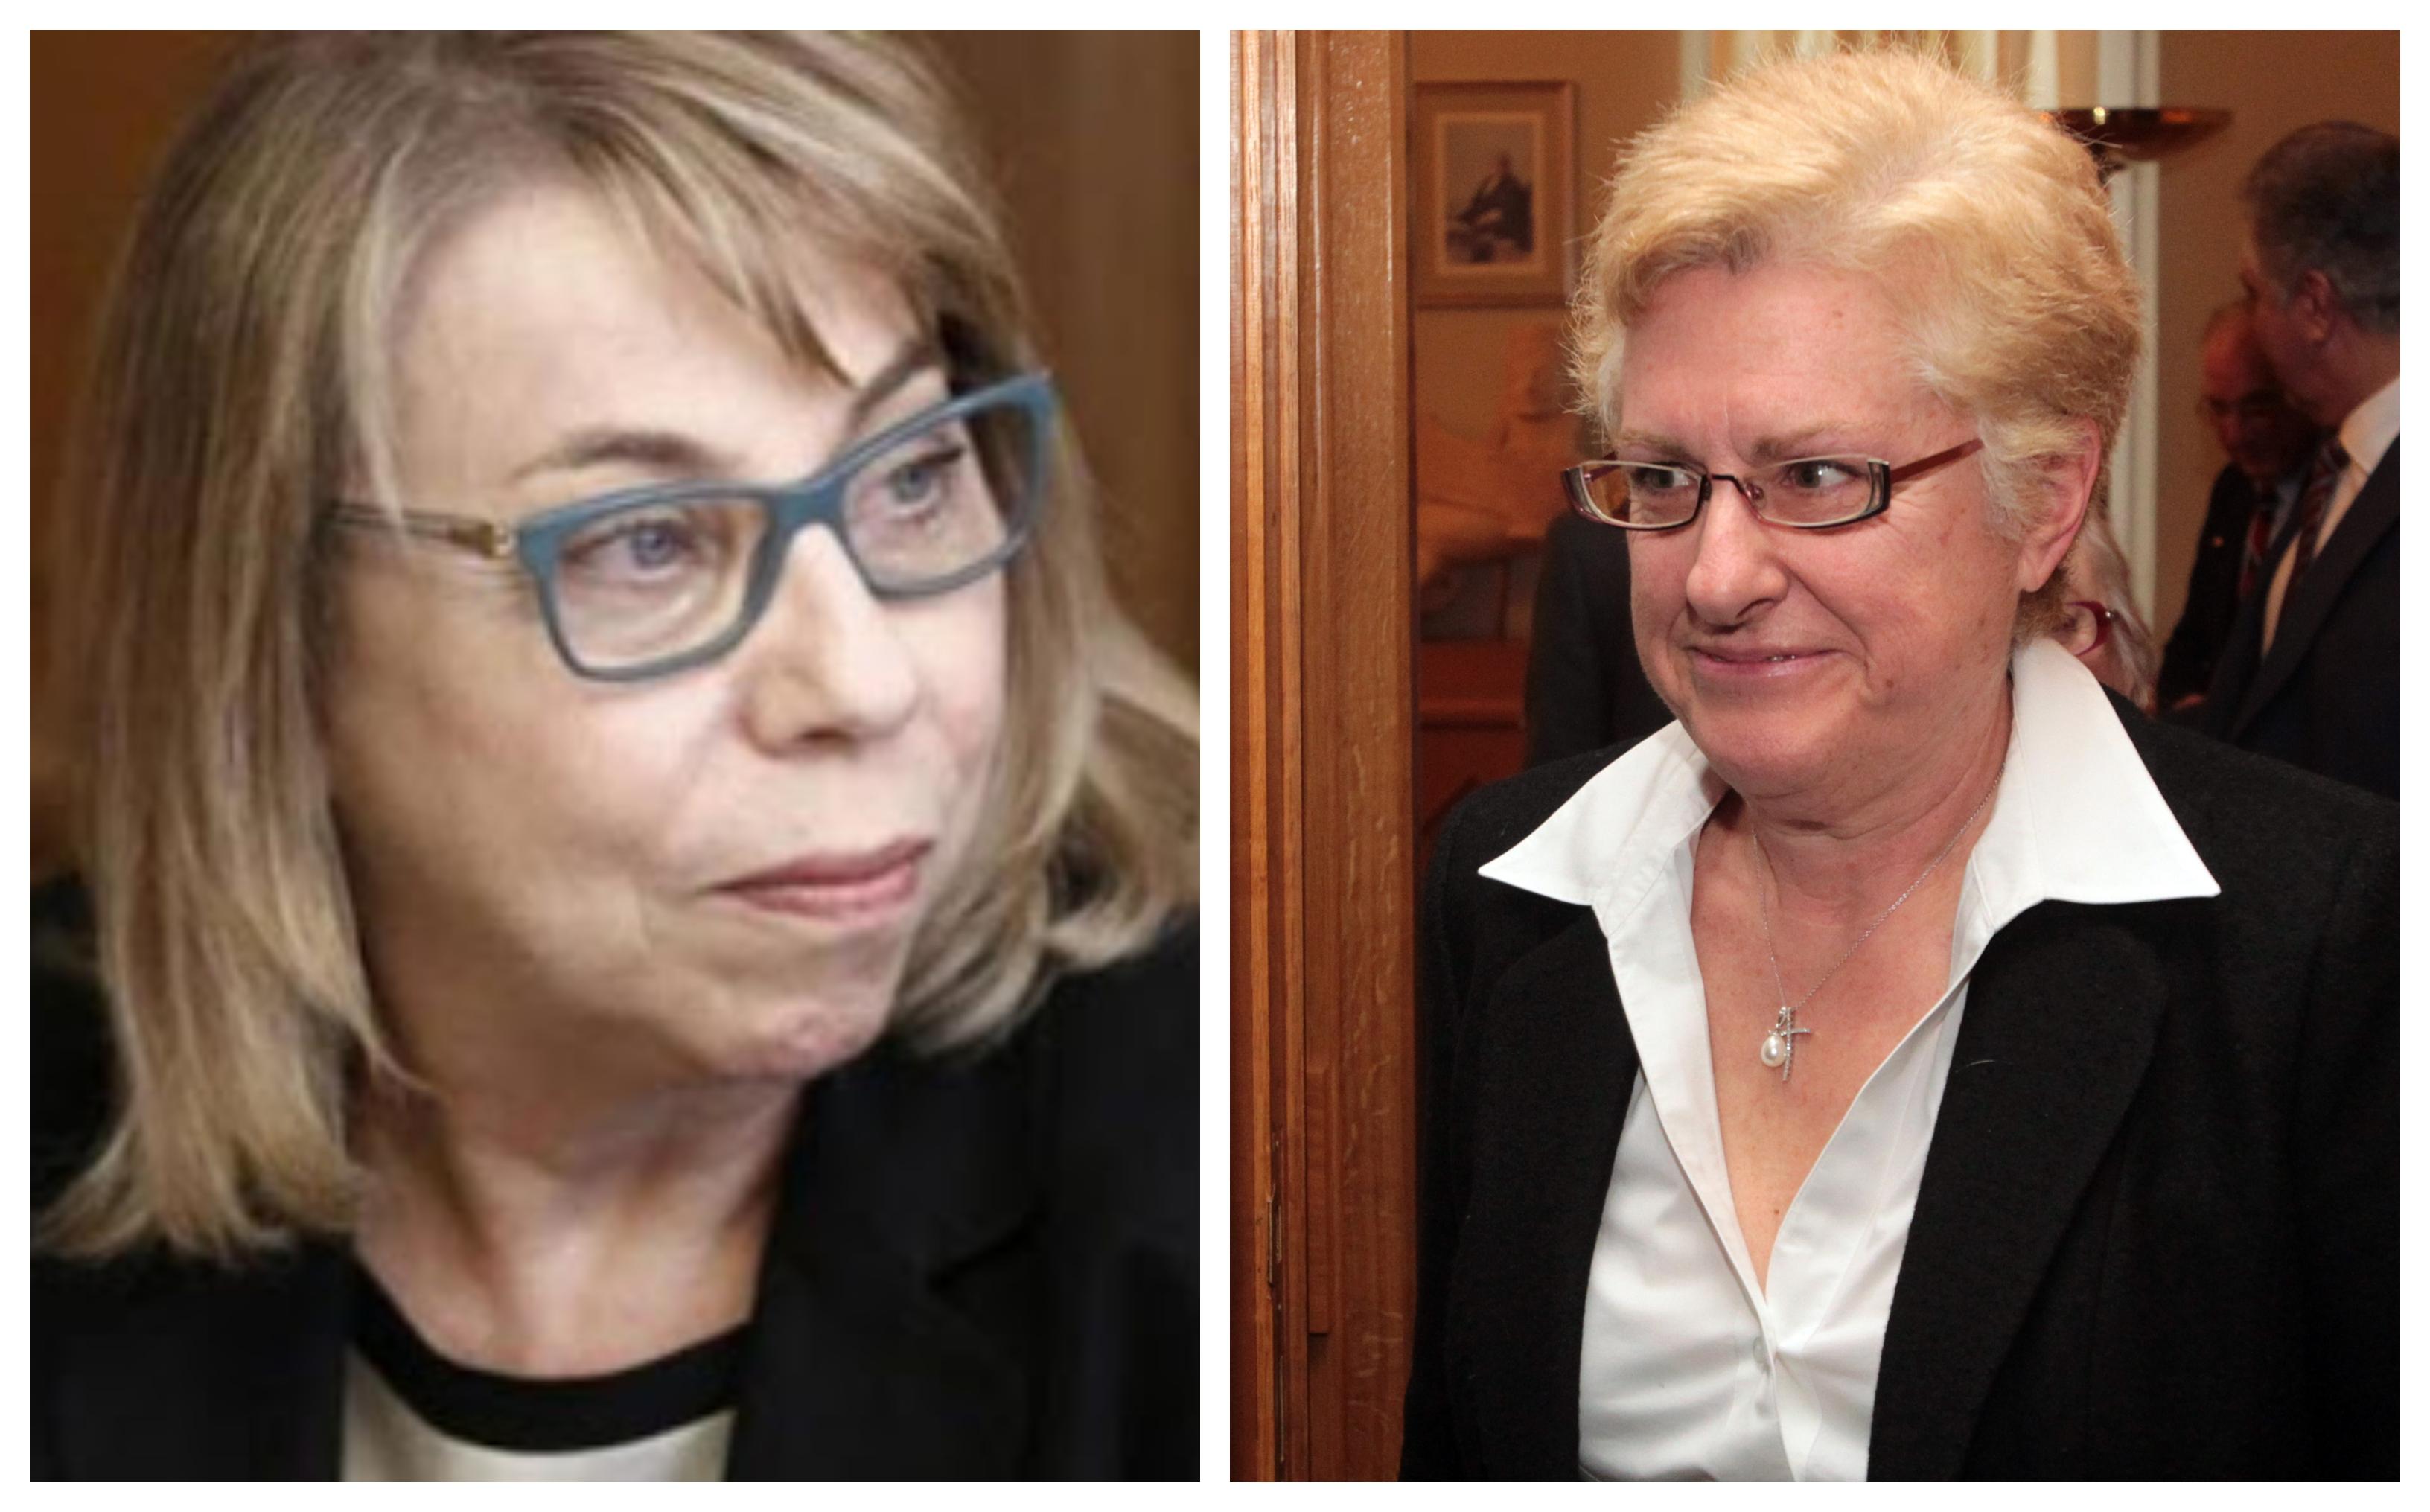 Υπουργικό Συμβούλιο: 3 ονόματα για 2 θέσεις σε ηγεσία Αρείου Πάγου-ΣτΕ